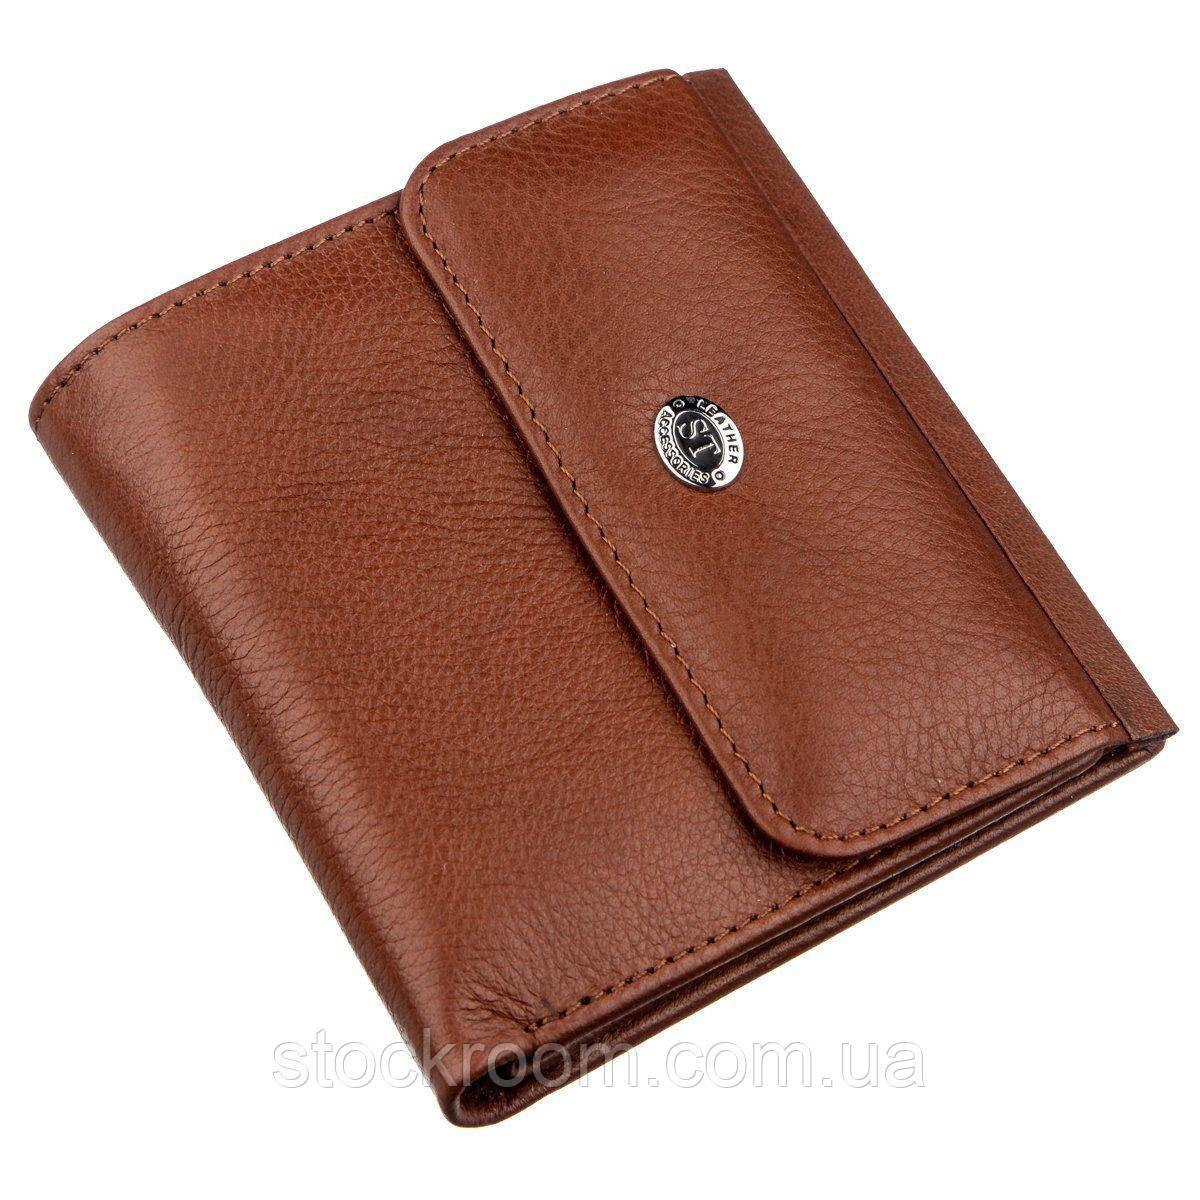 Женское портмоне с монетницей ST Leather 18917 Коричневый, Коричневый